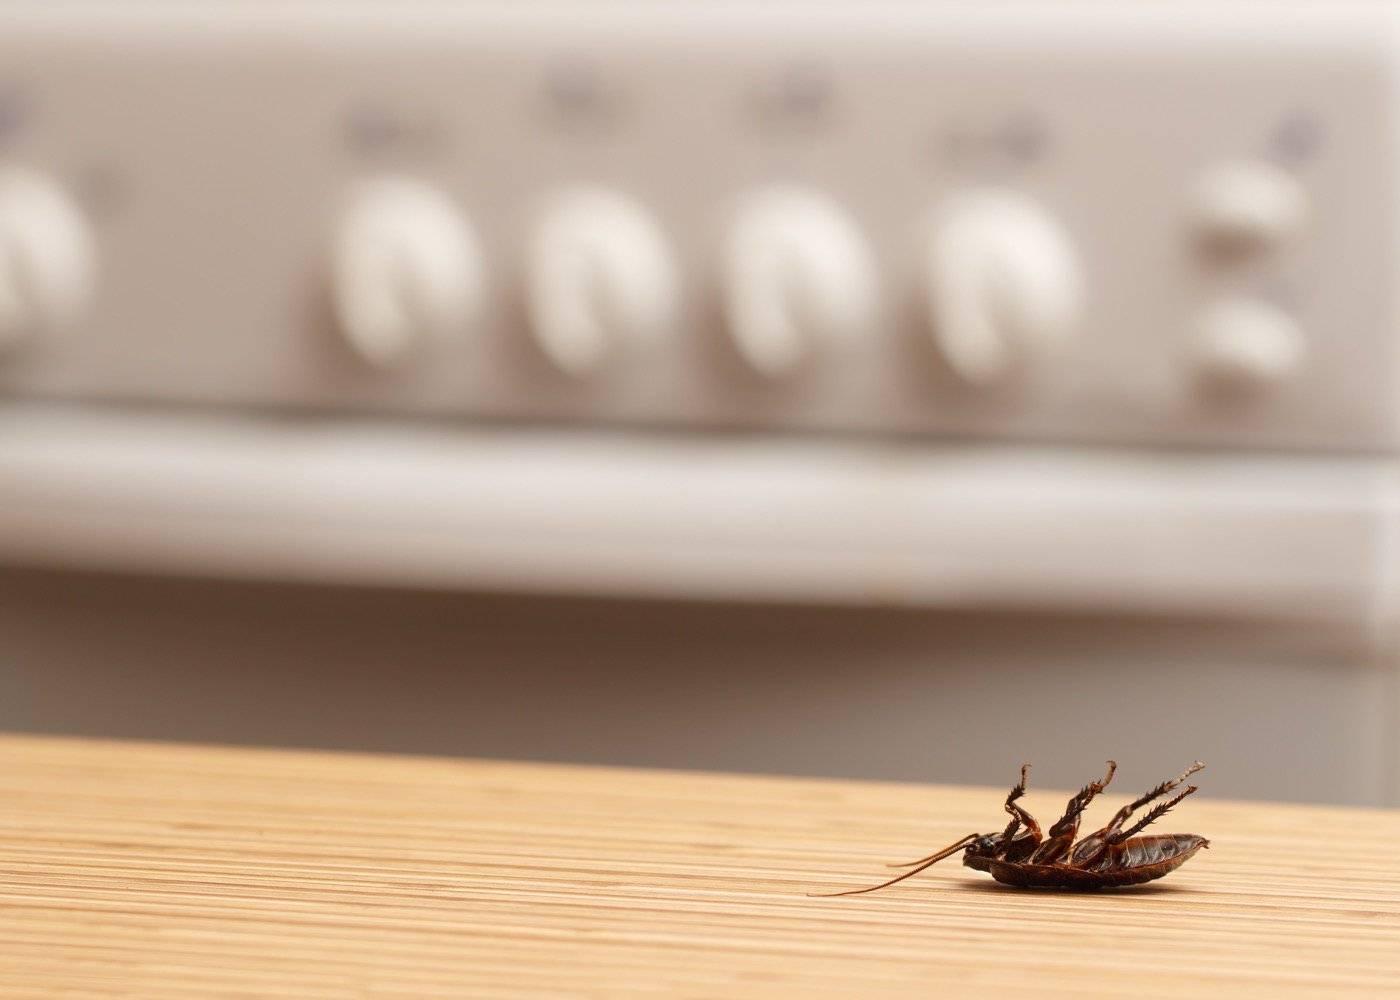 ¿Dónde puedes comprar ácido bórico contra las cucarachas? 1